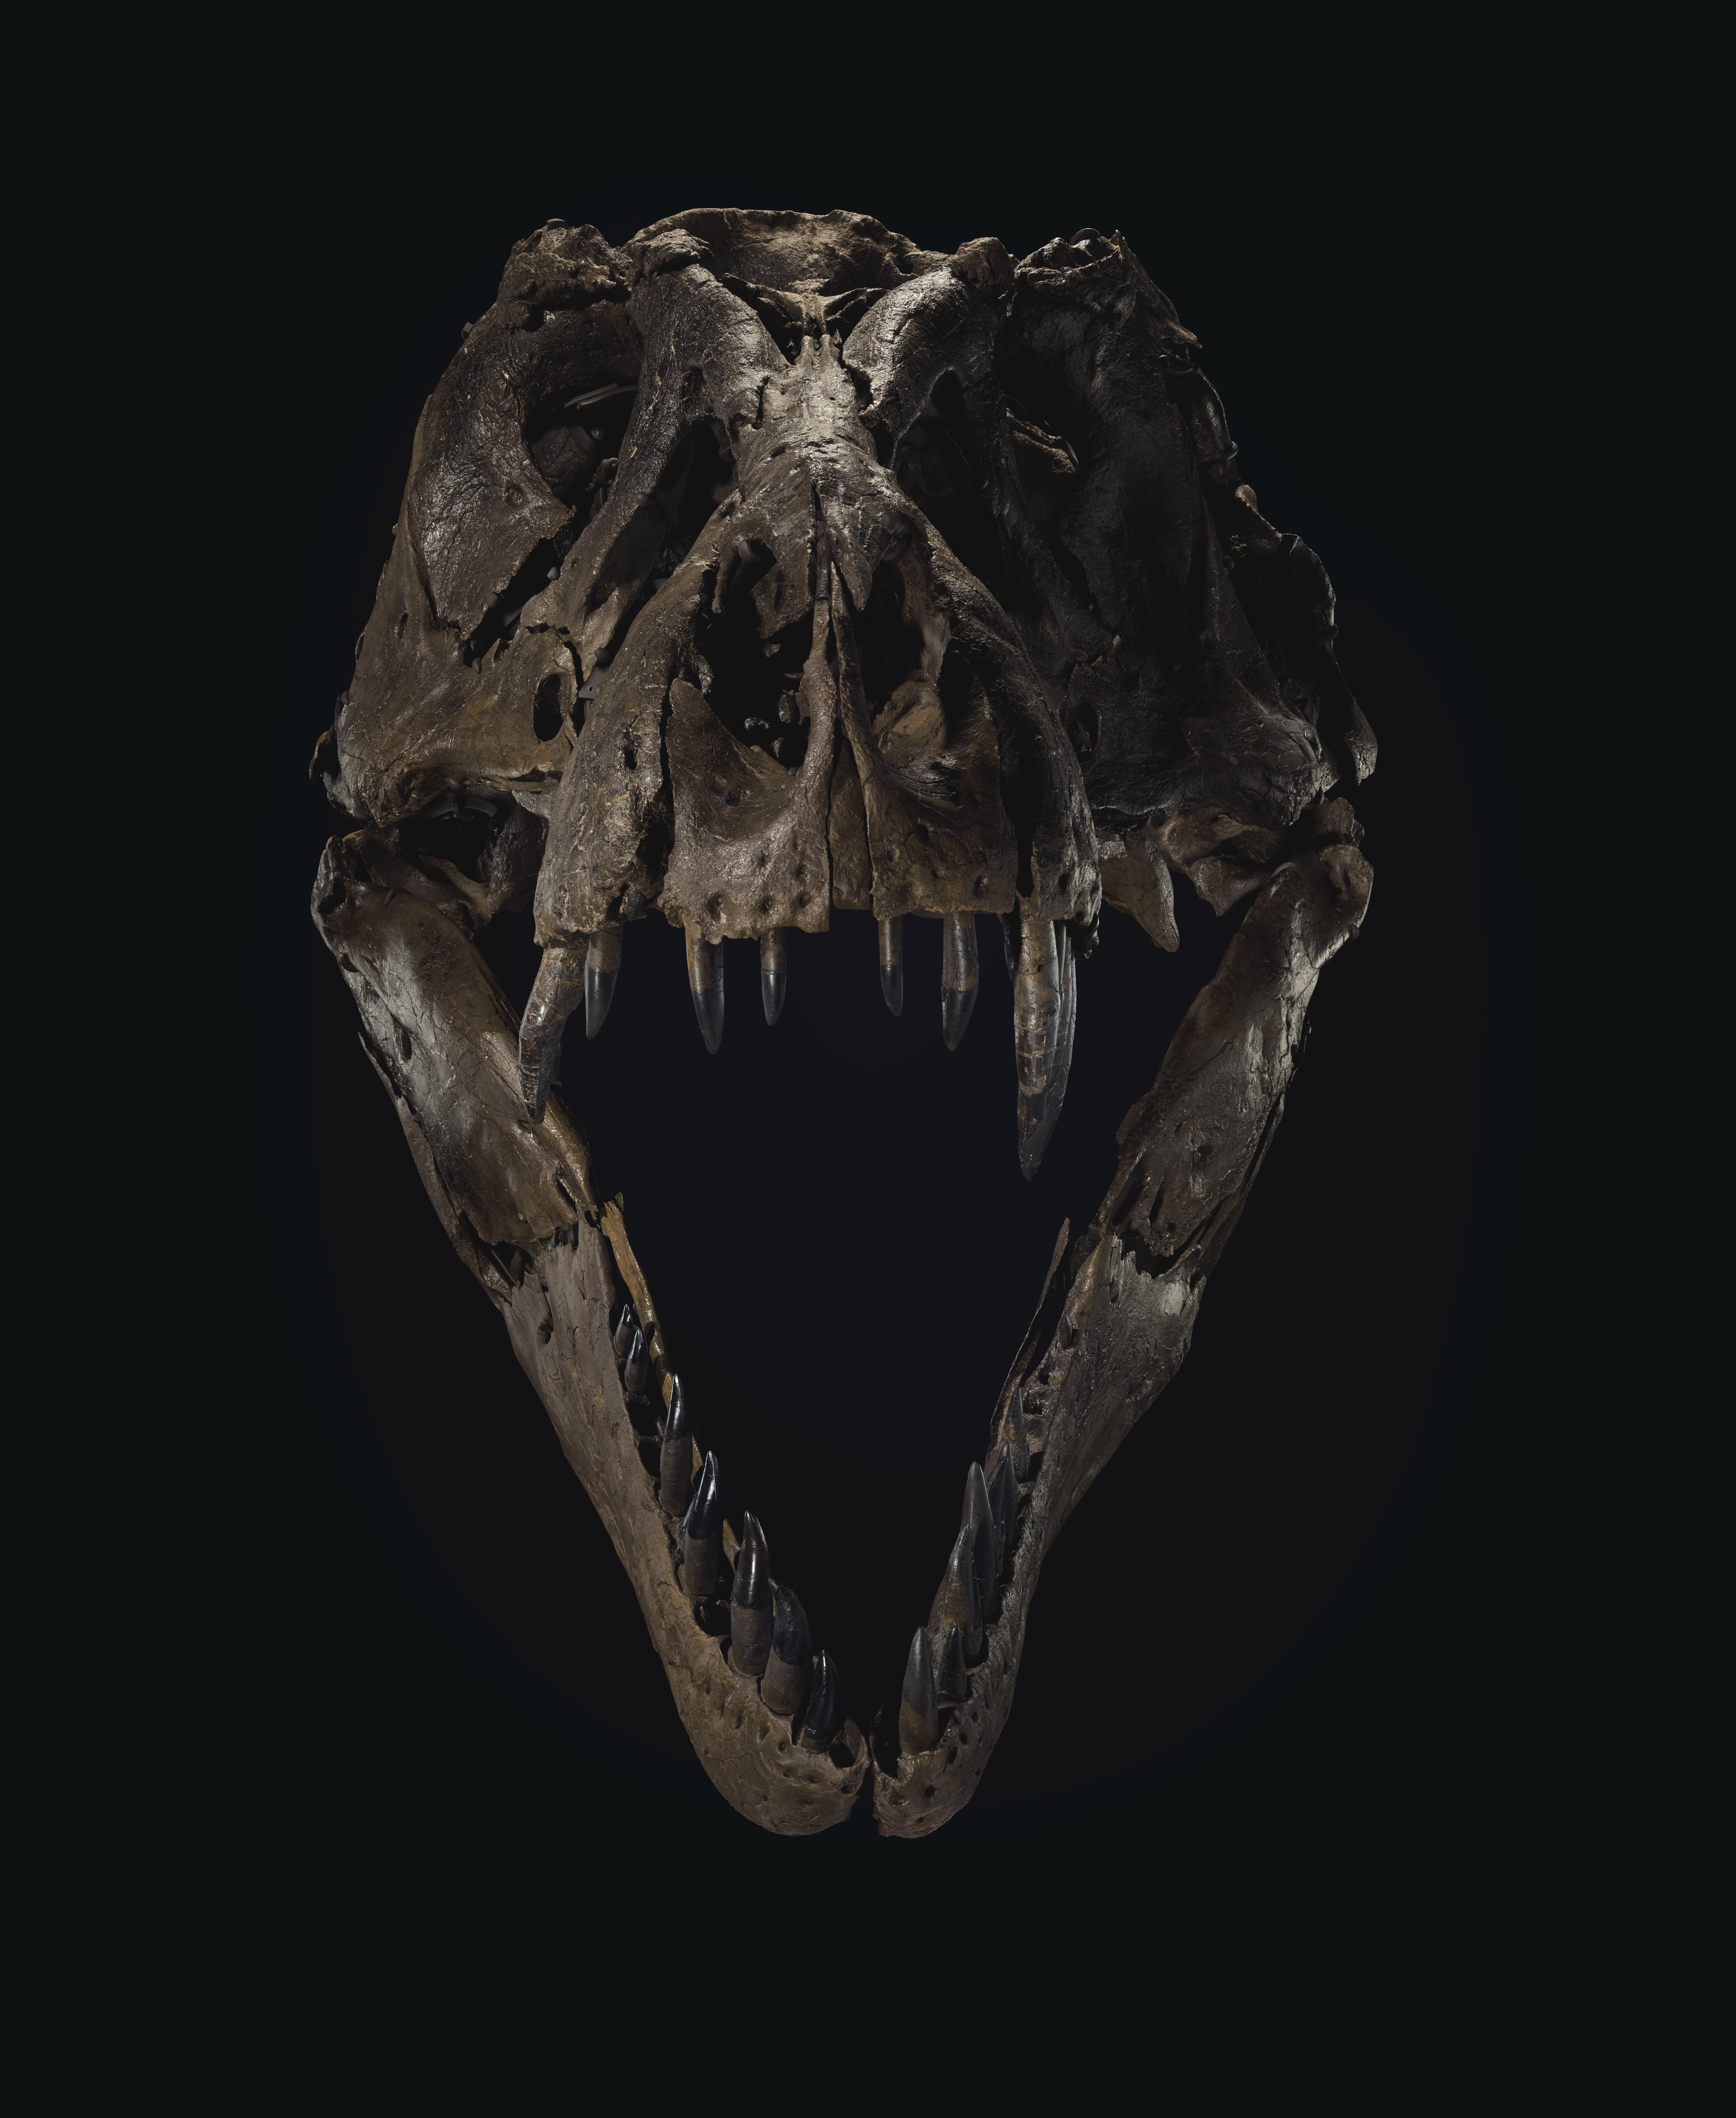 Dinossauro Stan é composto por 188 ossos